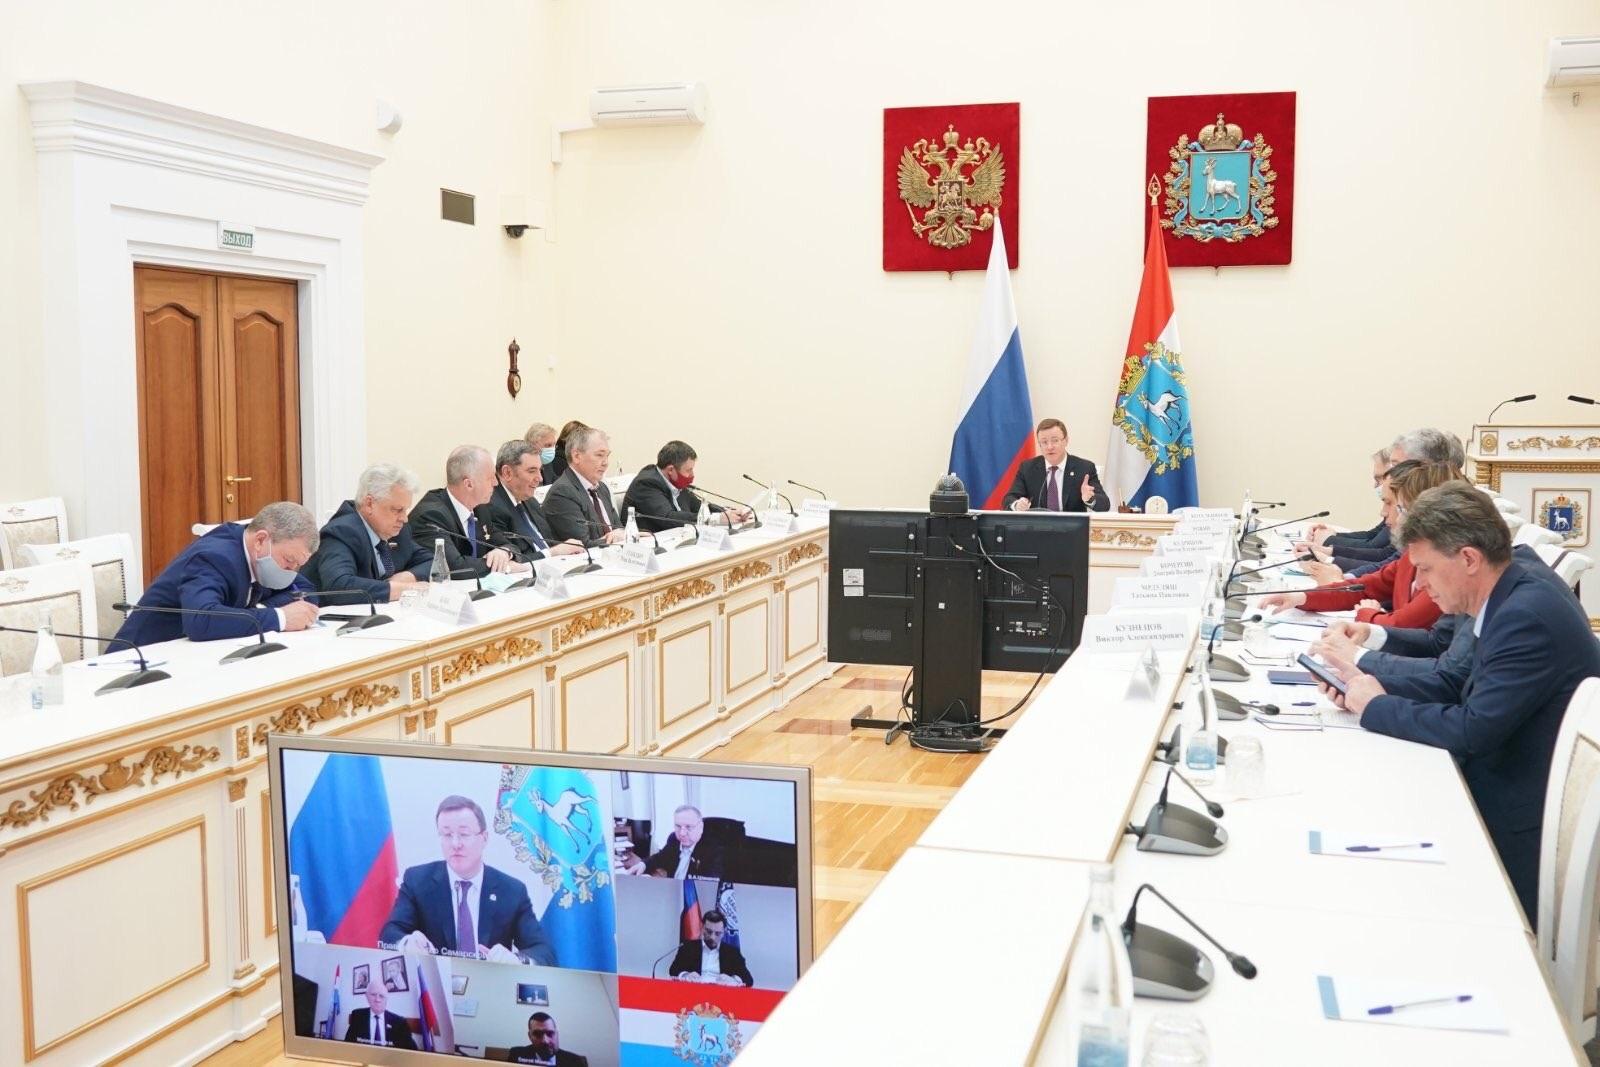 Дмитрий Азаров обсудил с депутатами создание испытательного центра АВТОВАЗа